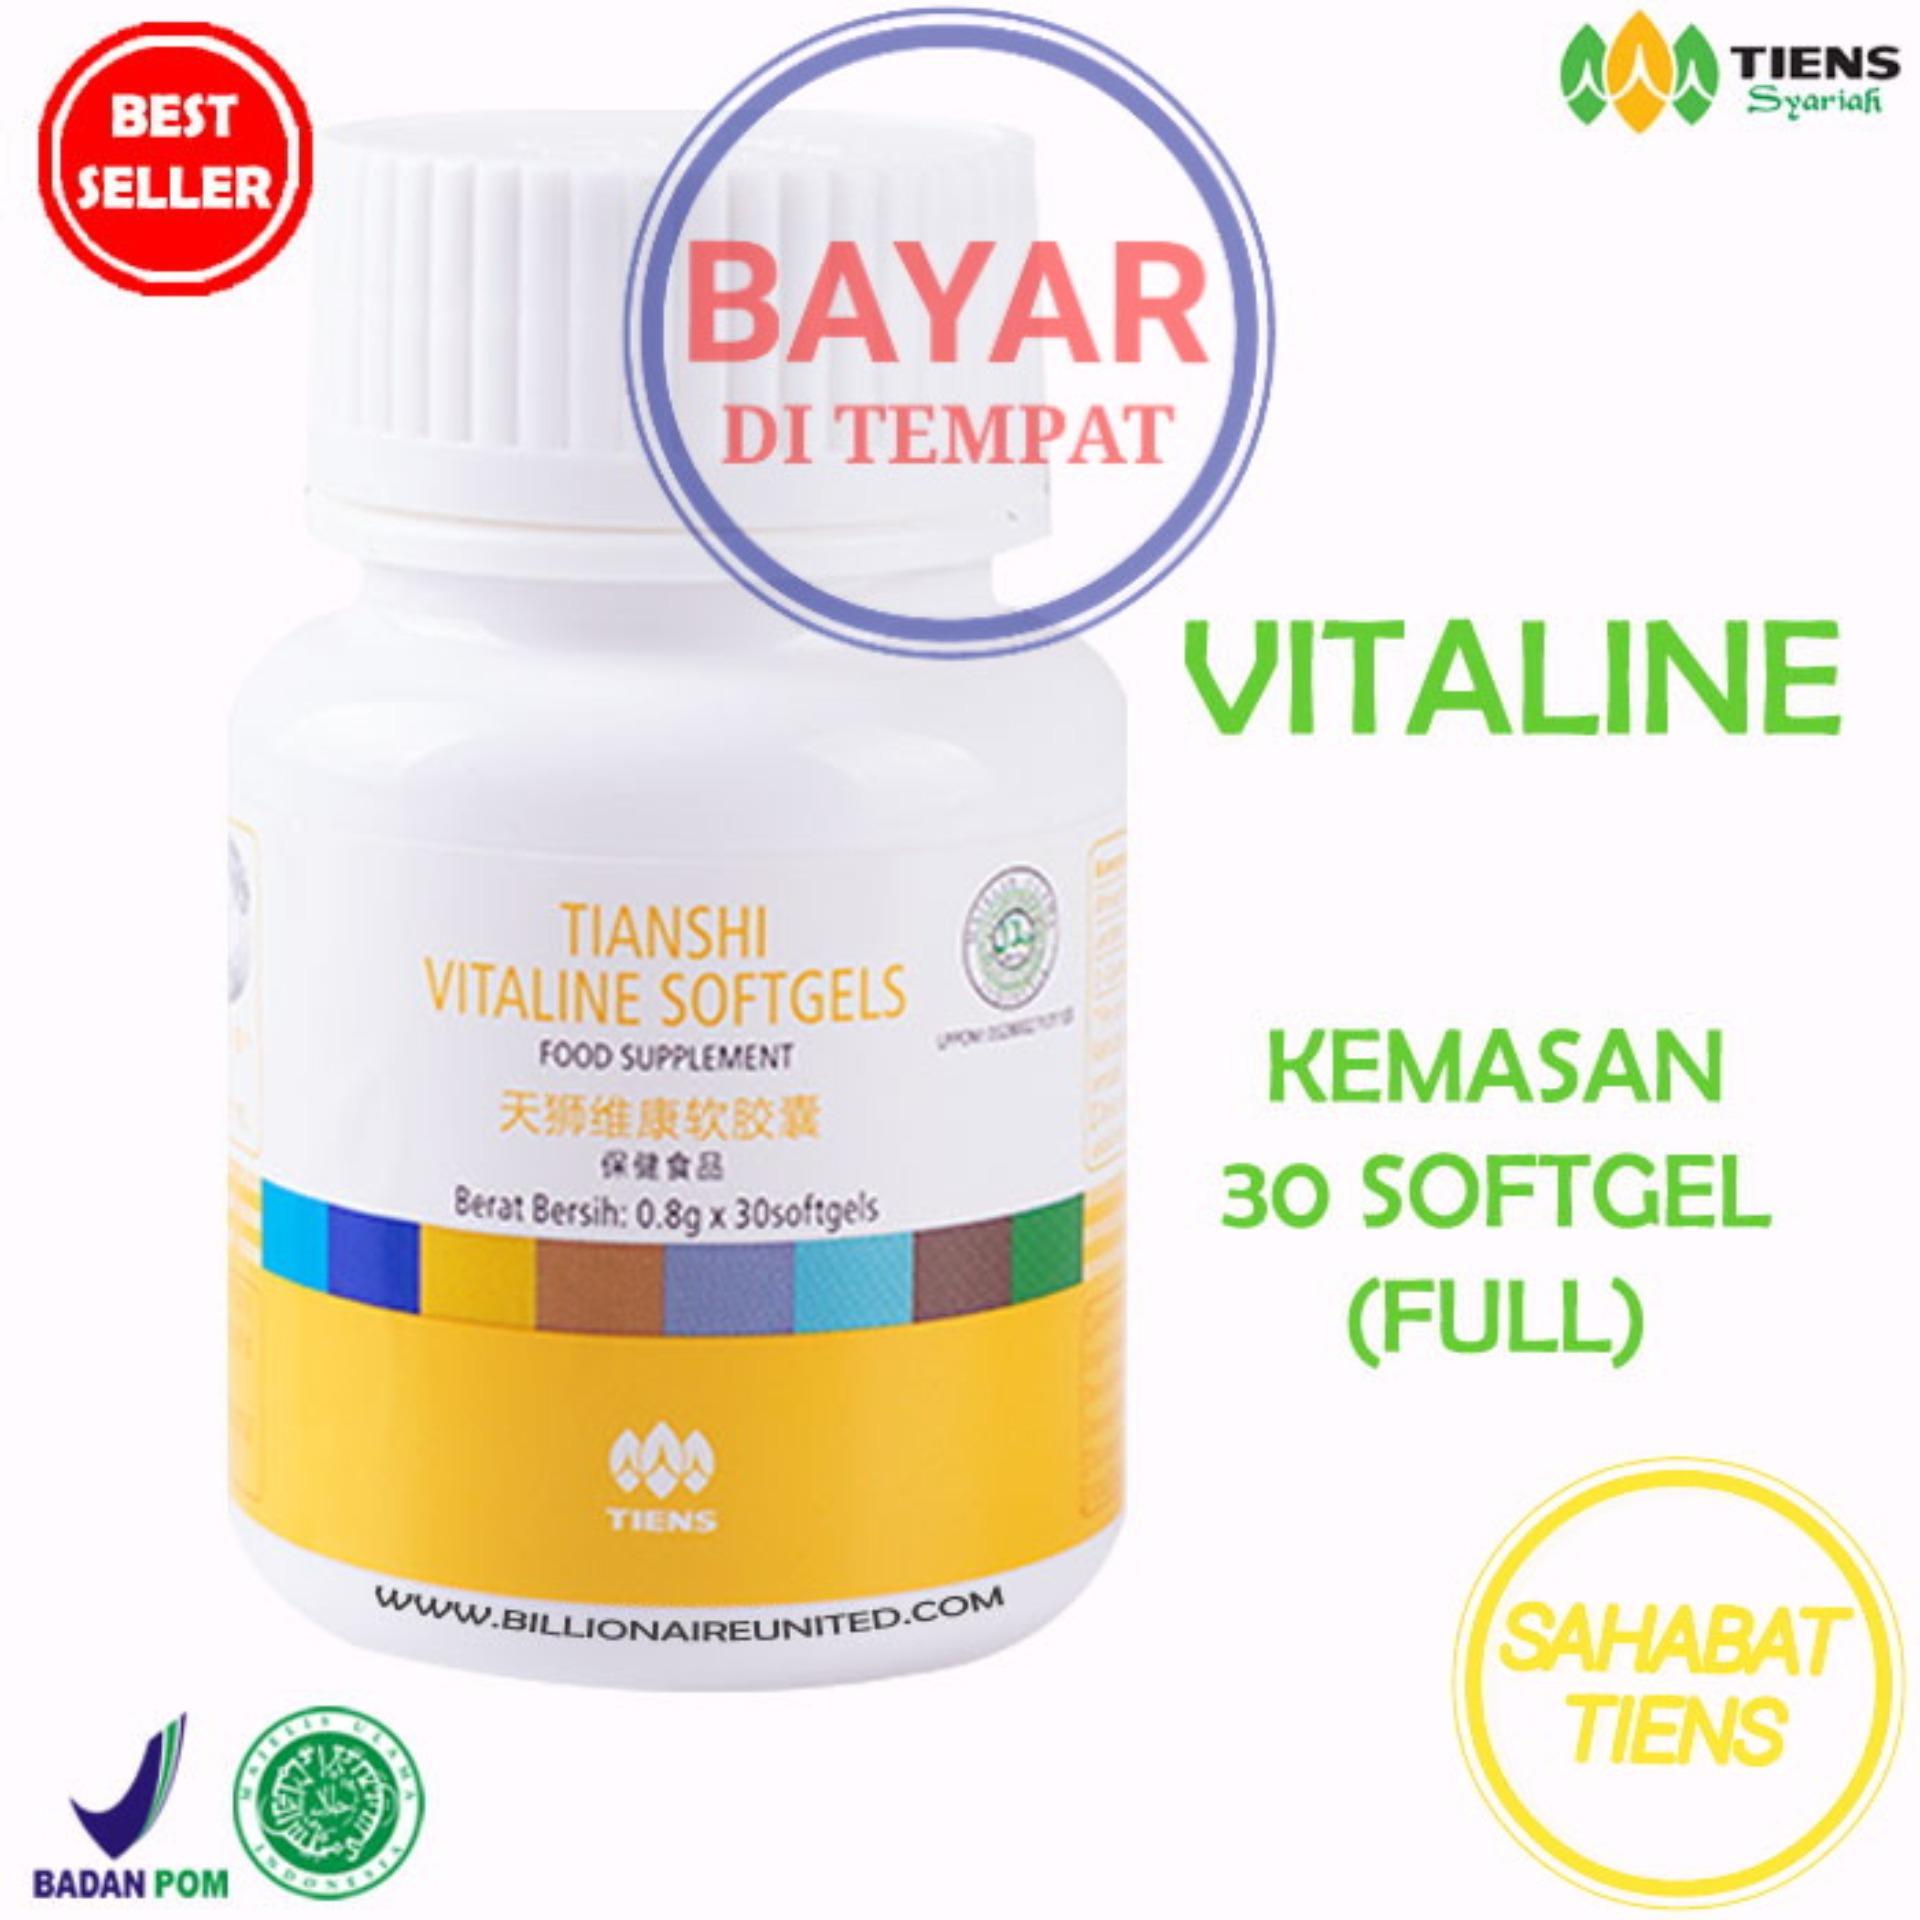 Toko Tiens Vitaline Pemutih Kulit Wajah Dan Tubuh Terbaik Dengan Vitamin E Free Kartu Member St Terlengkap Di Jawa Timur